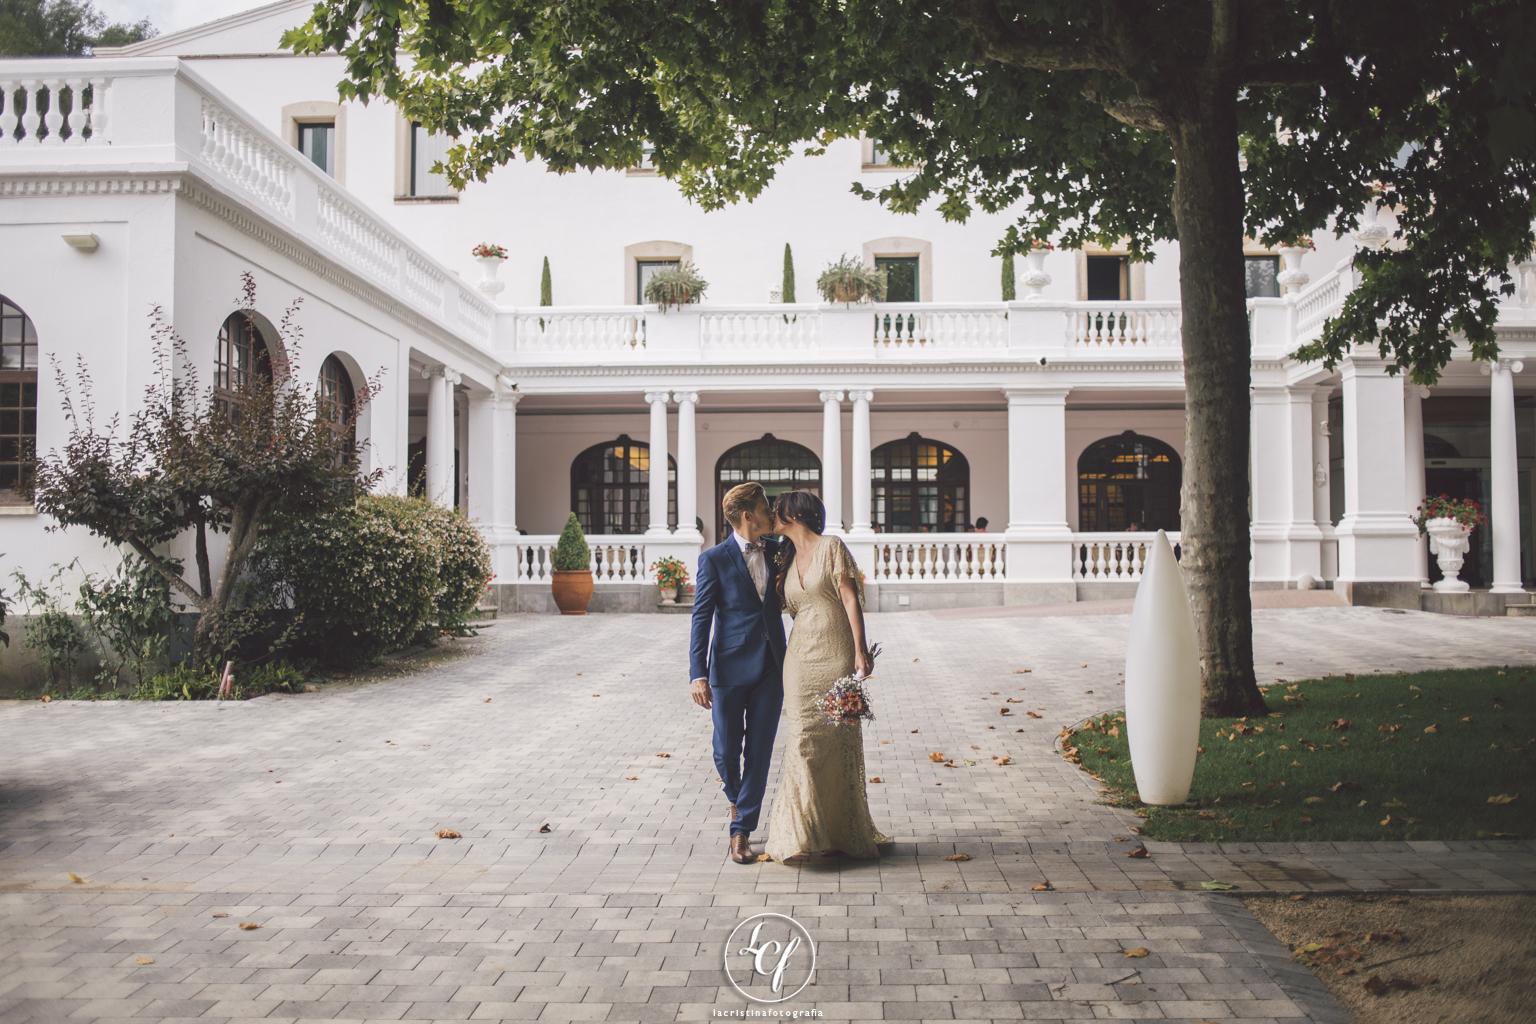 fotógrafo de boda girona :: fotógrafo de boda en el bosque :: bodas con encanto :: bodas sencillas :: country wedding :: fotógrafo natural :: fotógrafo de bodas barcelona